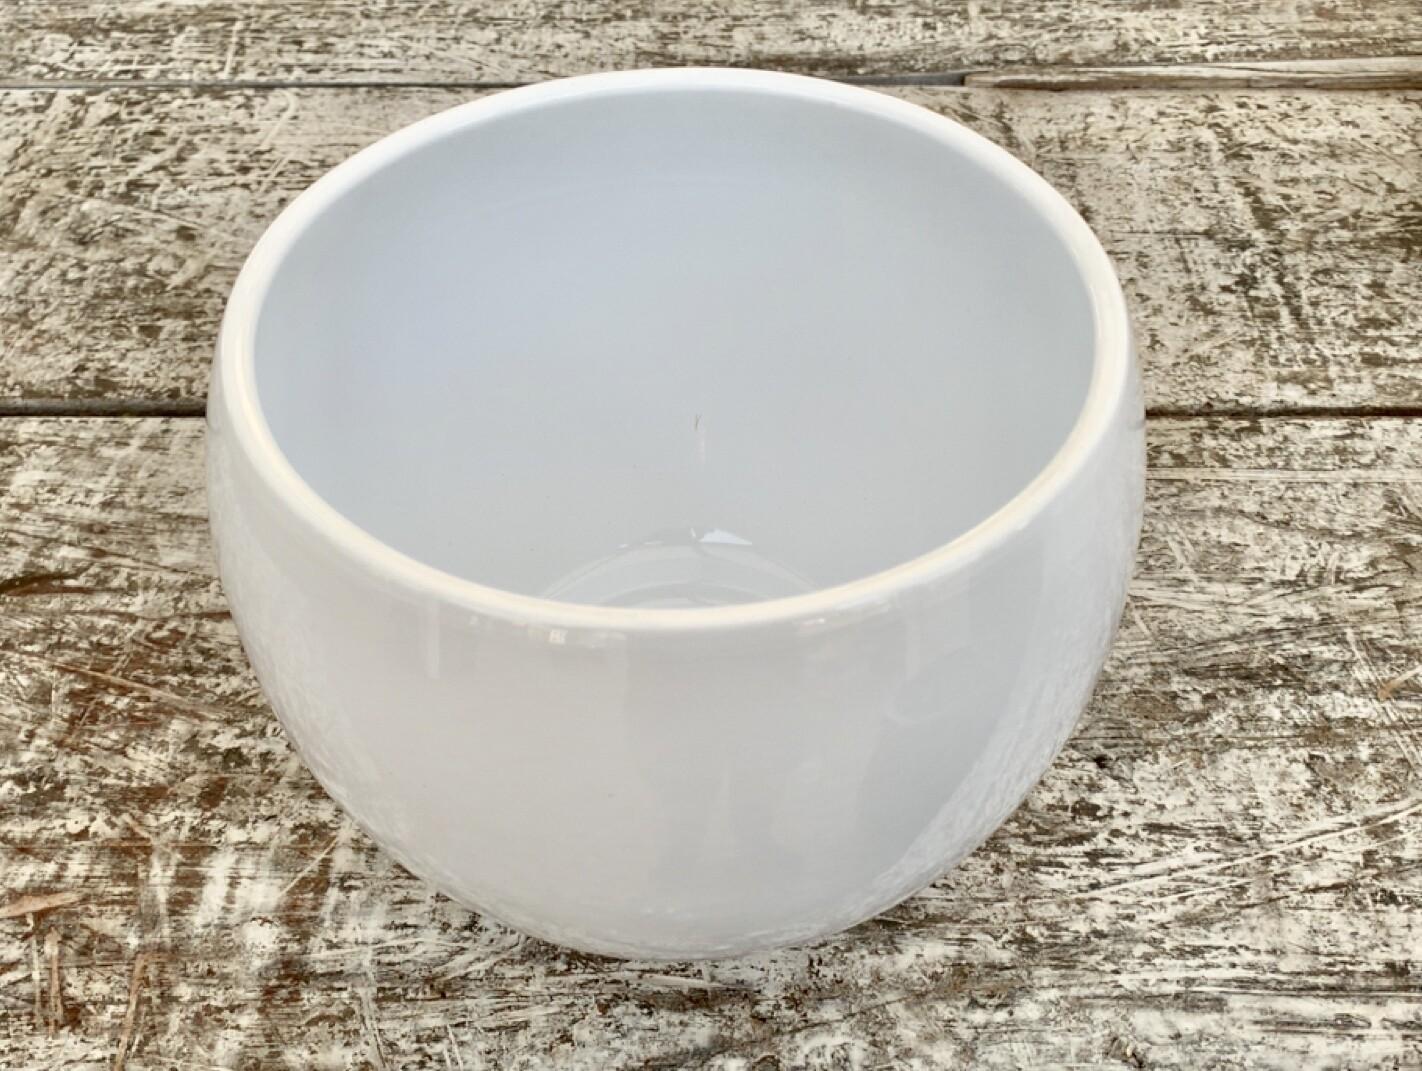 Vaso Tondo in Ceramica Diametro 11